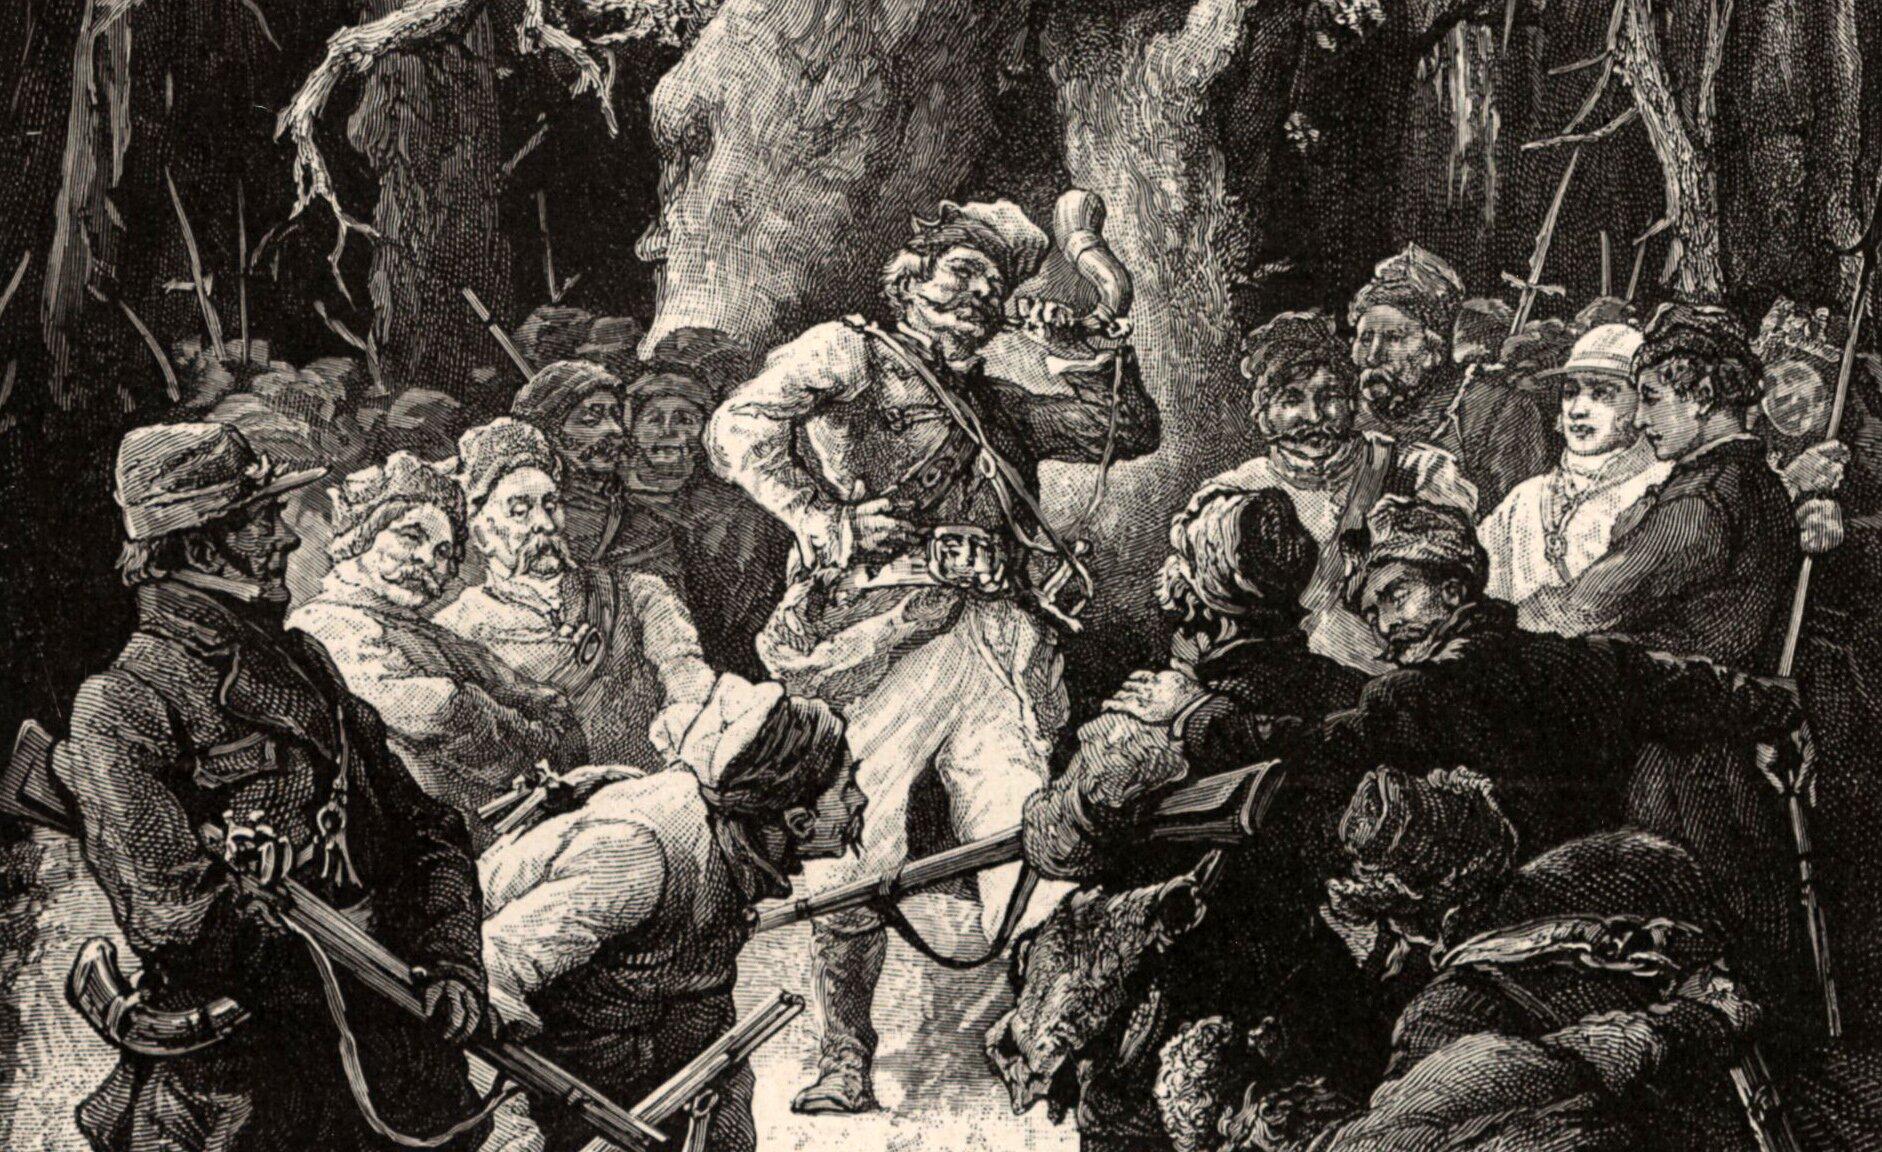 """Okładka Źródło: Michał Elwiro Andriolli, 1882, ilustracja do """"Pana Tadeusza"""", domena publiczna."""